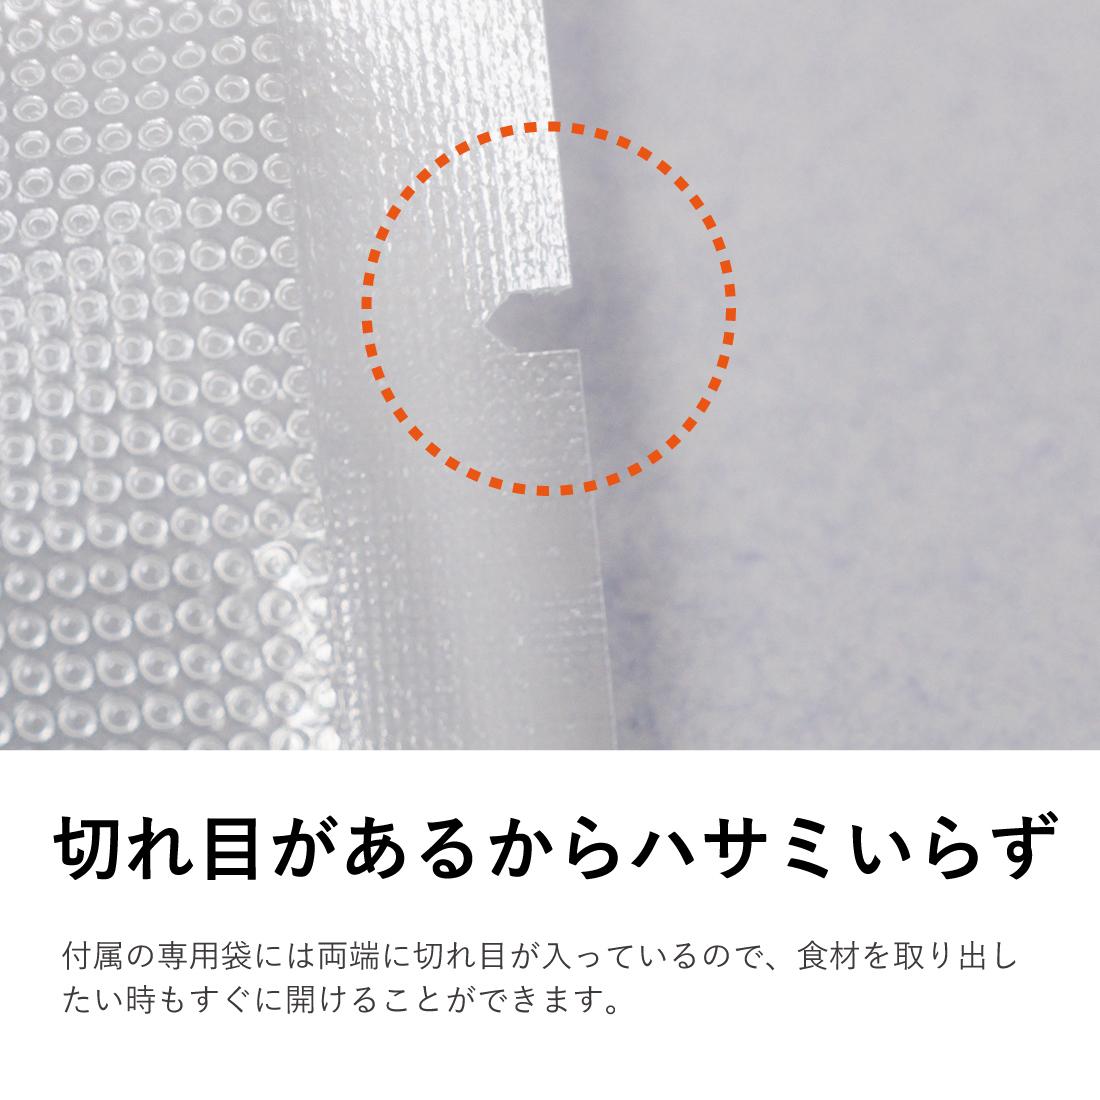 真空パック機 小型 シーラー 連続シール可能 フードシーラー機 家庭用 業務用 真空包装機 鮮度長持ち 簡単操作 専用パック袋付き ピンク_画像7